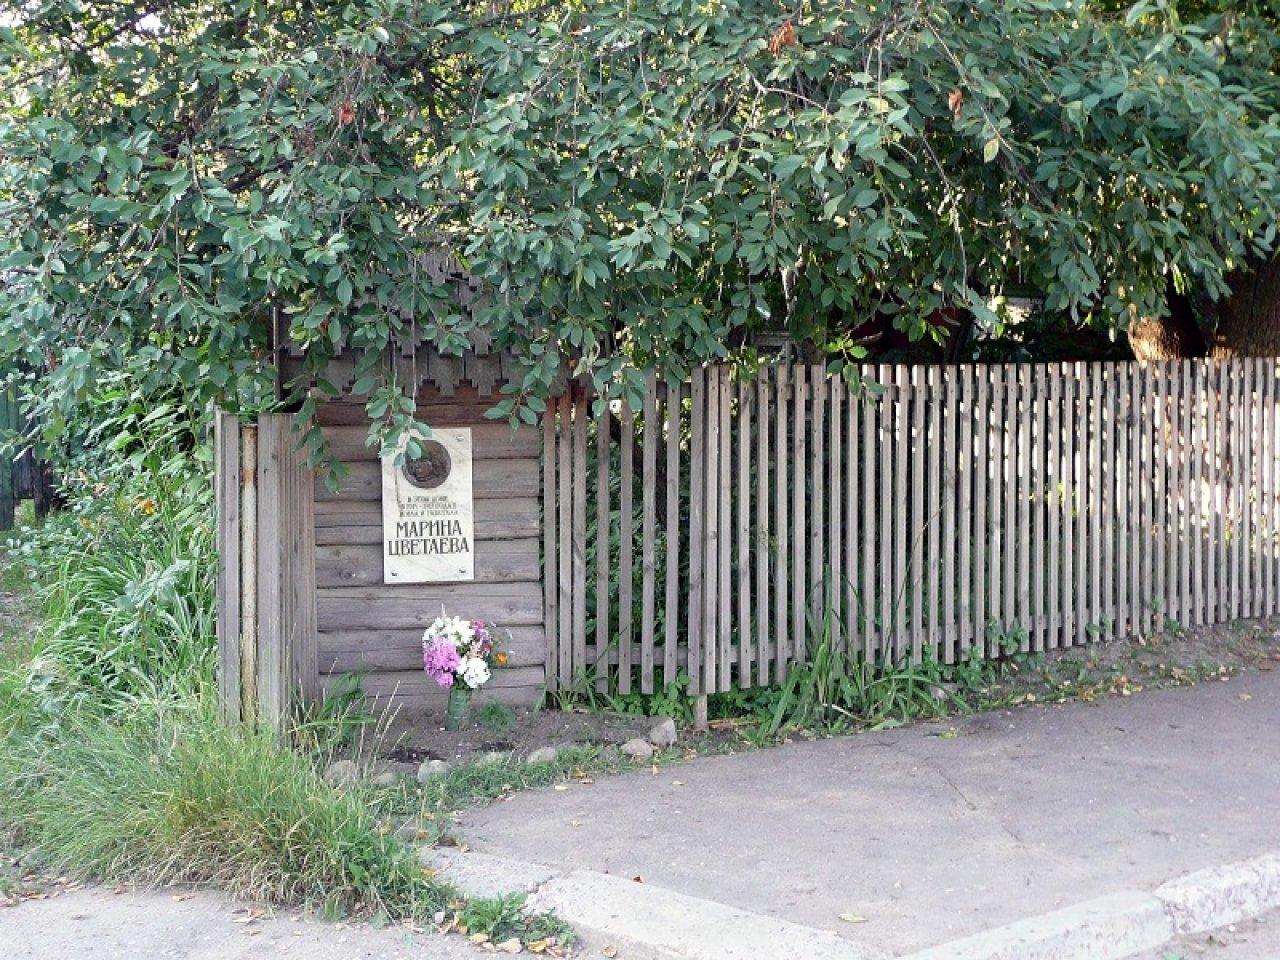 Мемориальная доска на доме в Александрове / Фото: Exequthor, Wikipedia